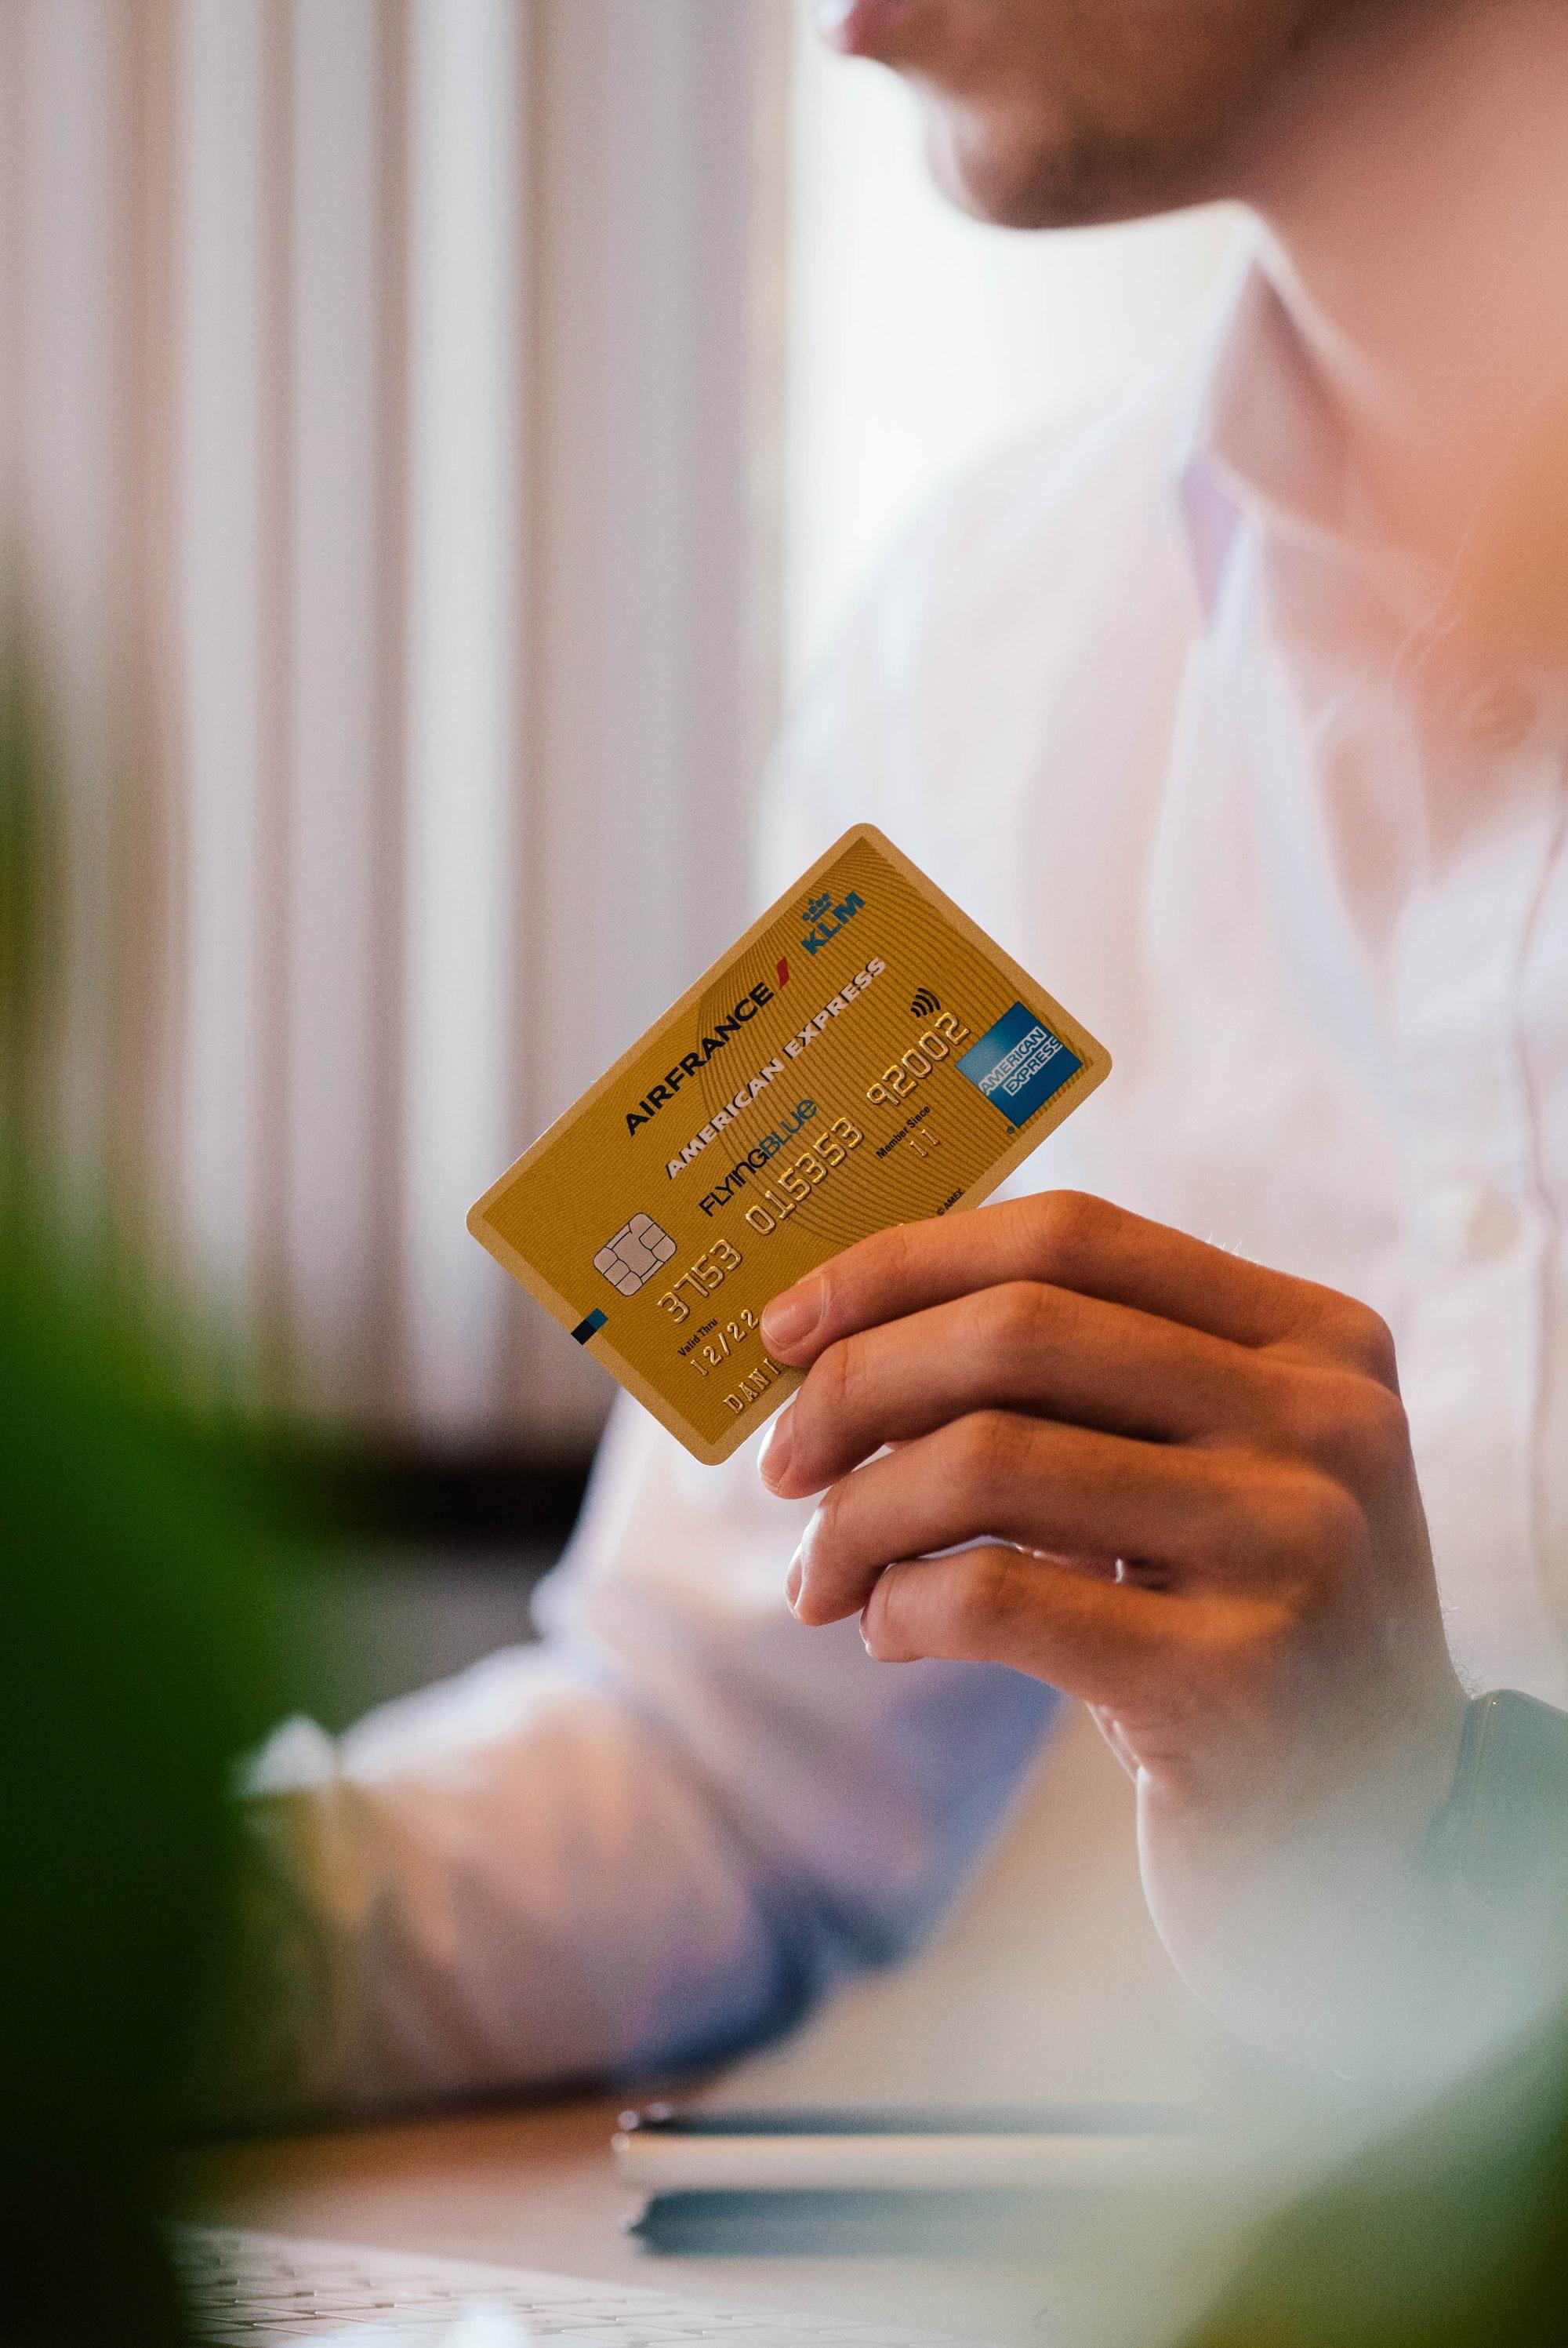 De voordelen van een American Express credit card van Flying Blue